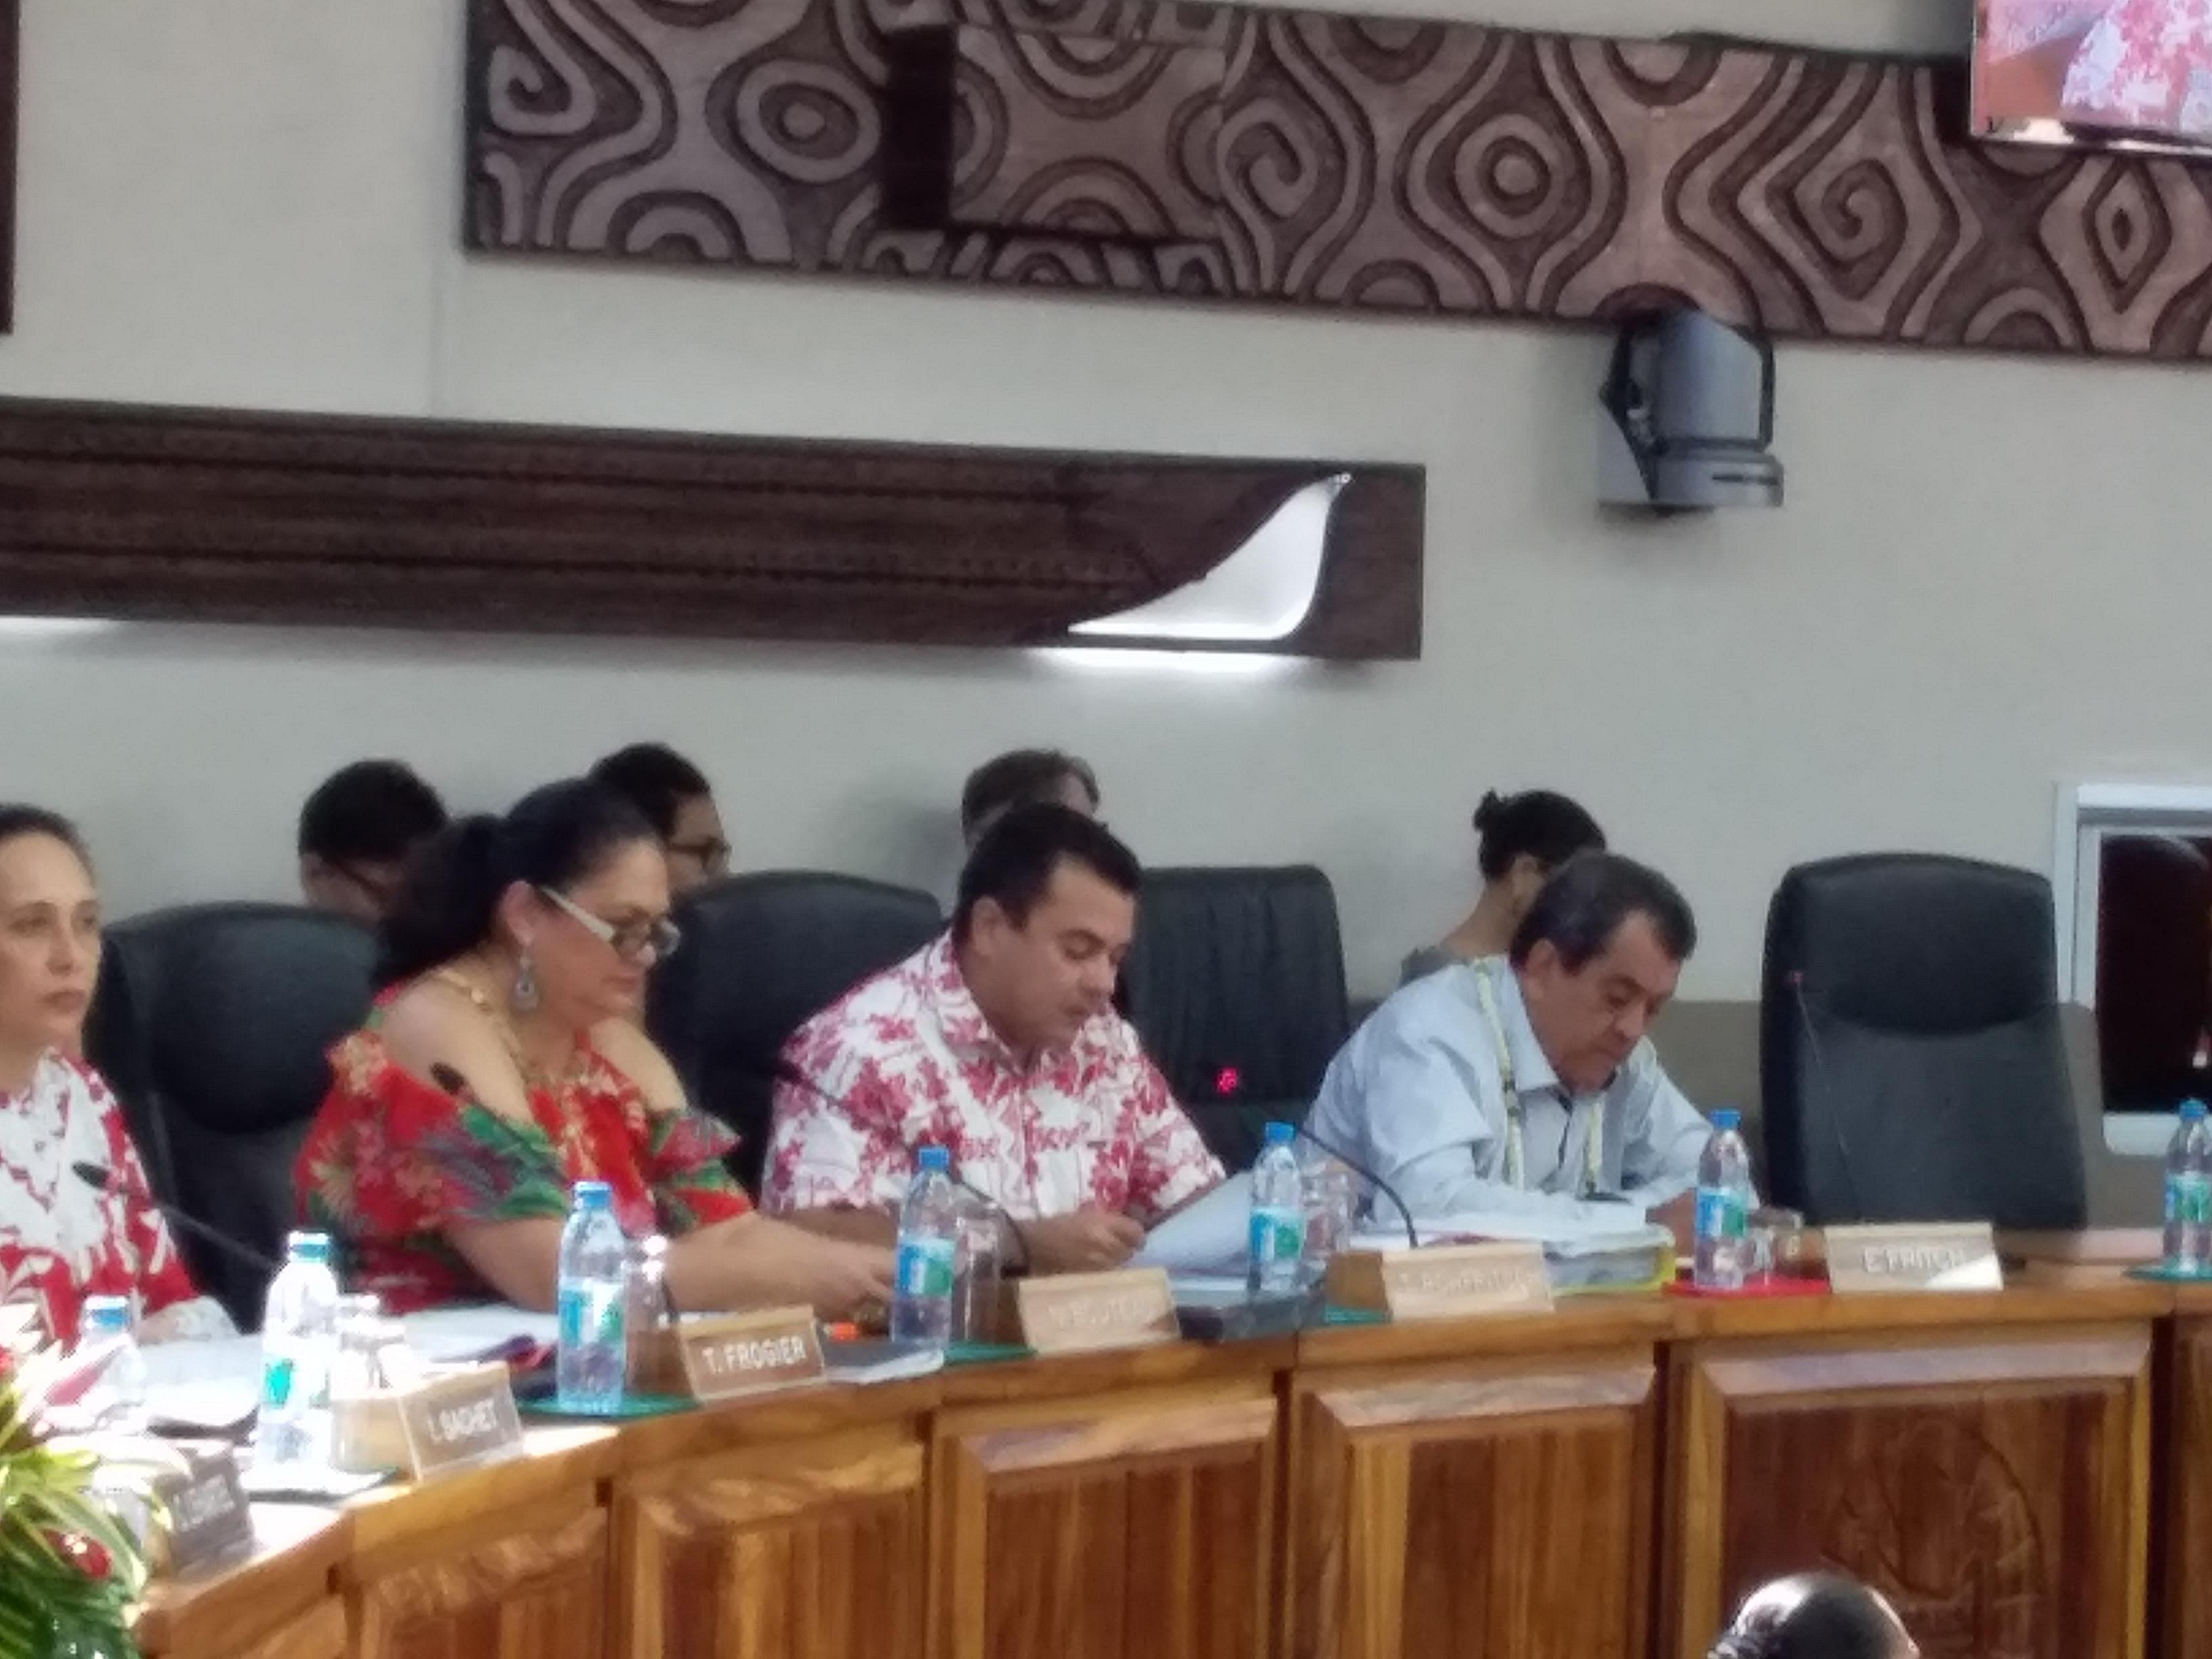 Une «dizaine de familles sont récalcitrantes à toute proposition de relogement par le Pays»a regretté Teva Rohfritsch.